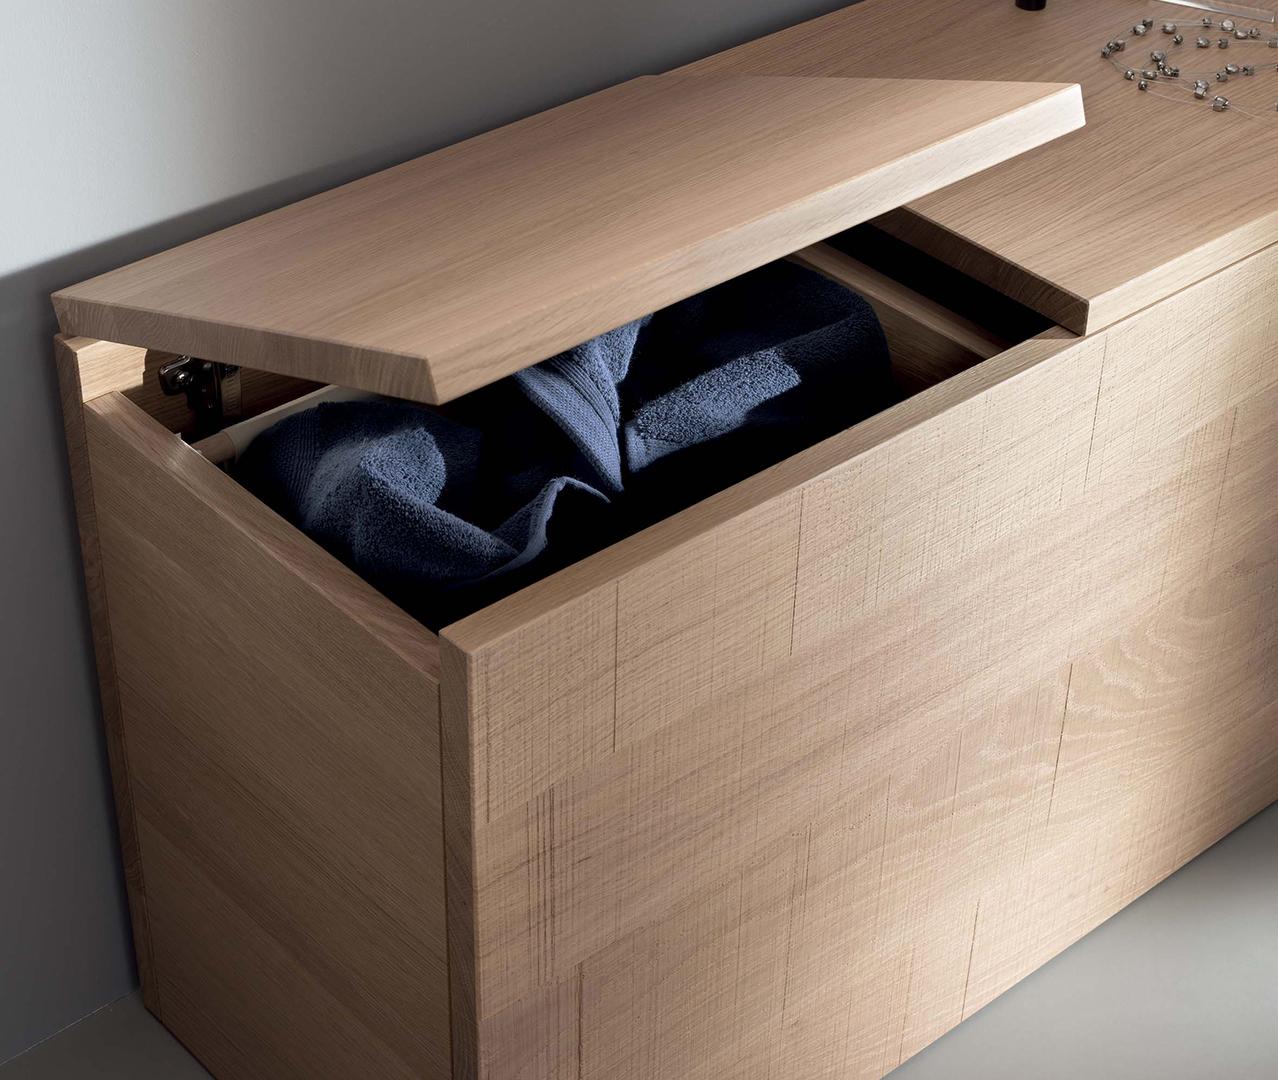 Gamme essentiel meubles salle de bain zen sanijura for Meuble de salle de bain sanijura